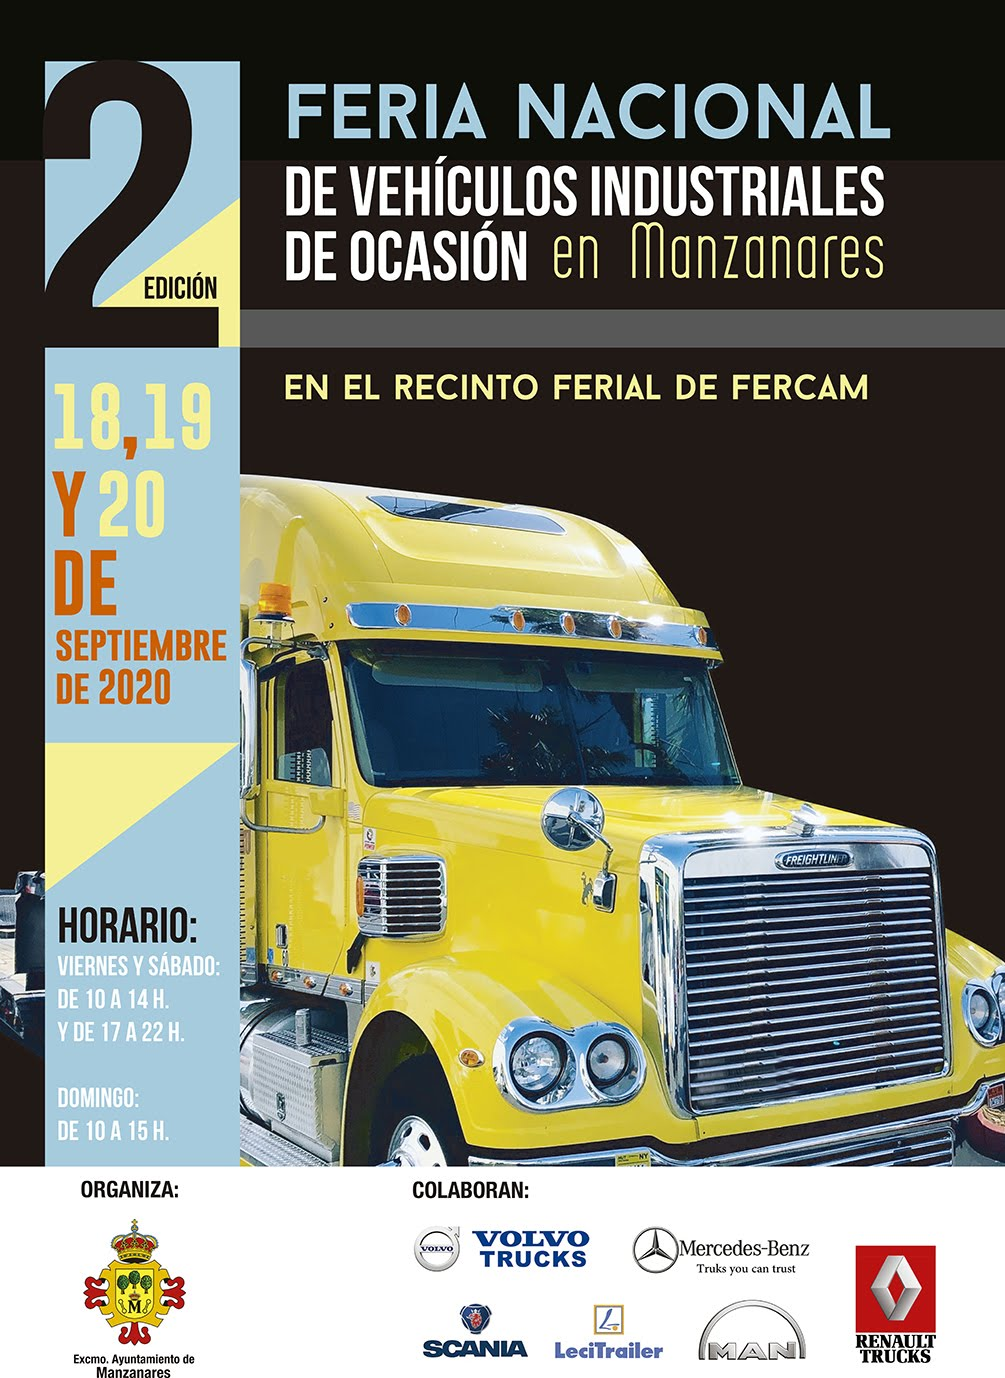 2ª Feria Nacional de Vehículos Industriales de Ocasión